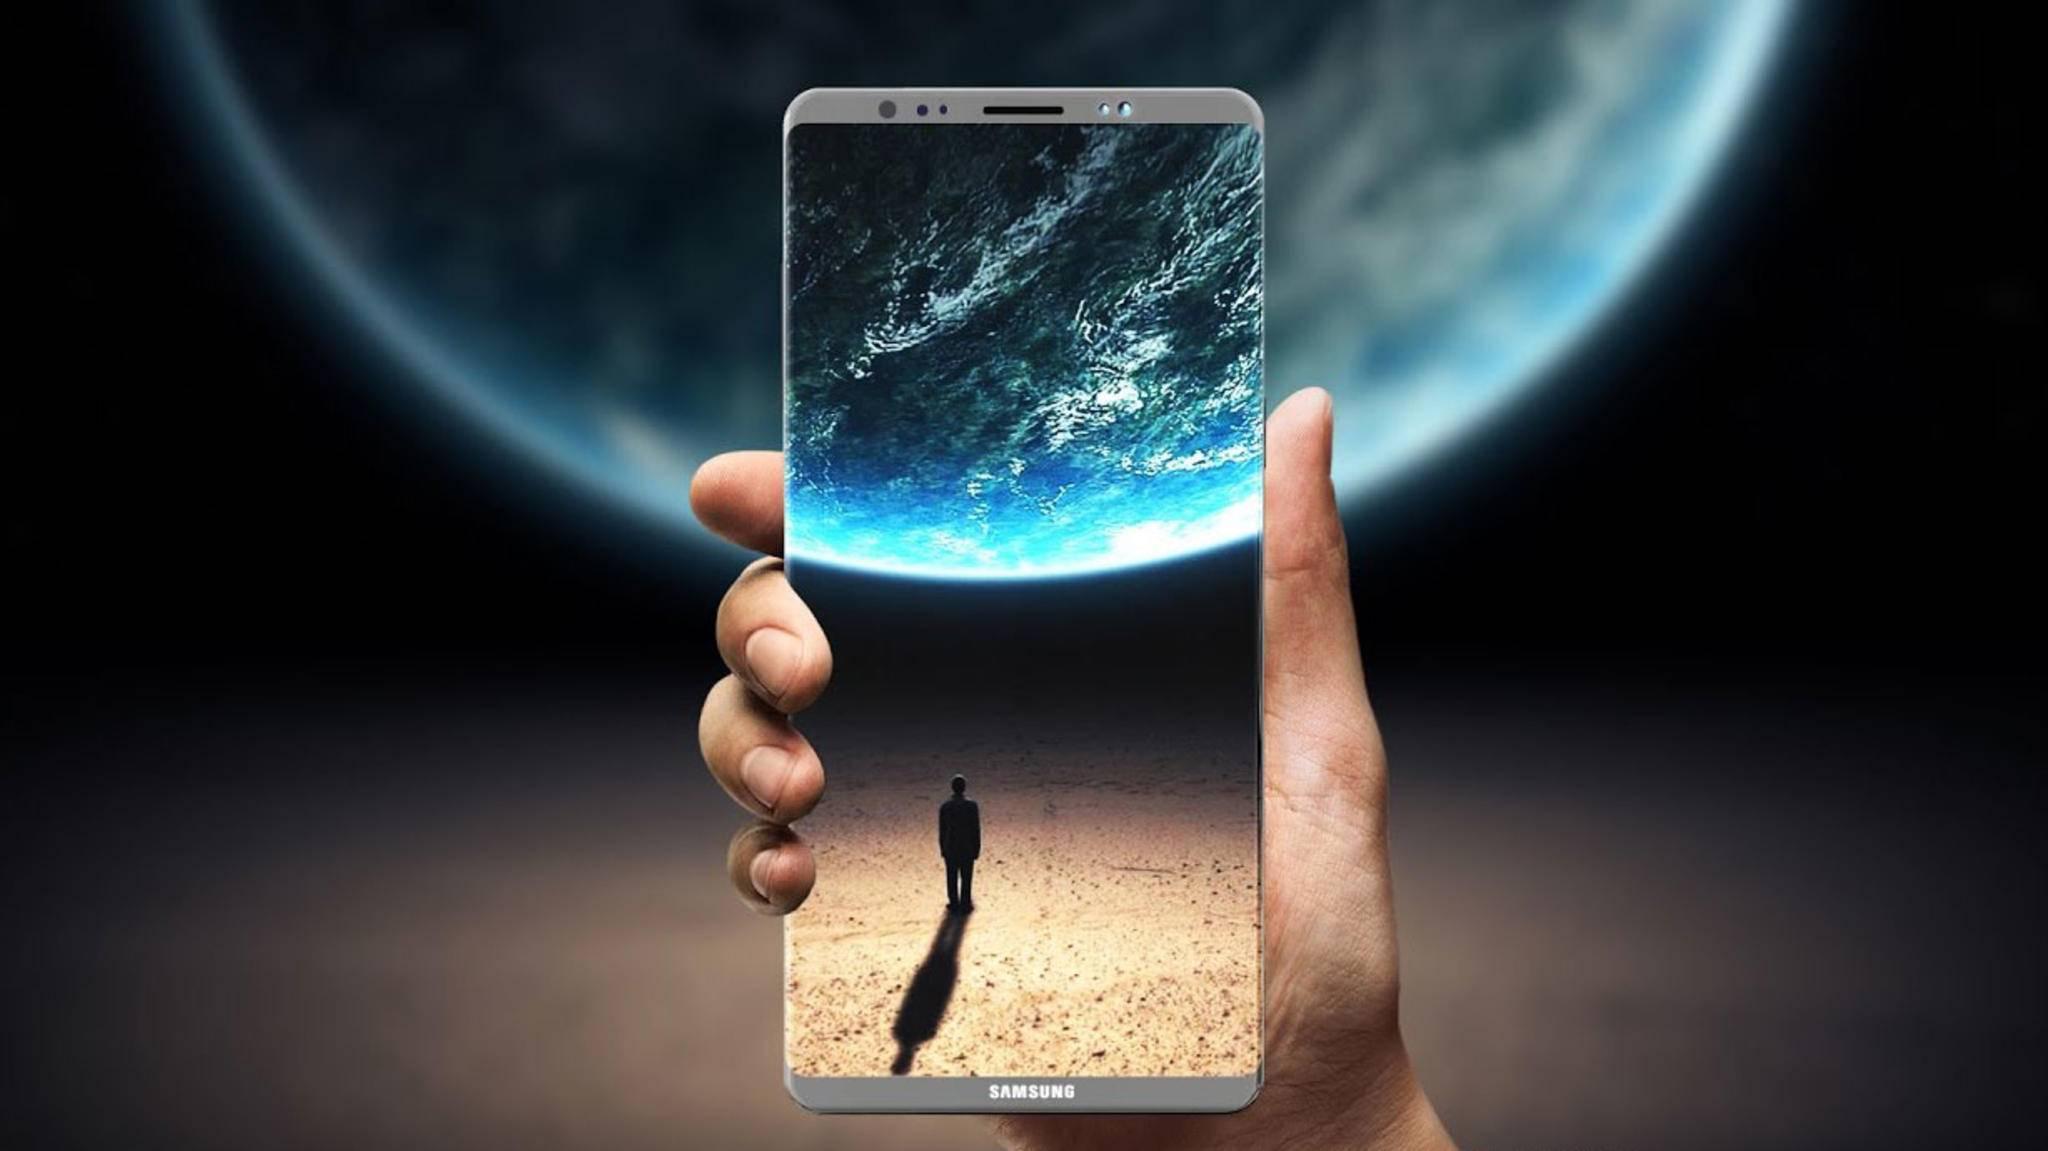 High-End-Technik zu einem High-End-Preis: Gut 1000 Euro soll das Galaxy Note 8 angeblich kosten.